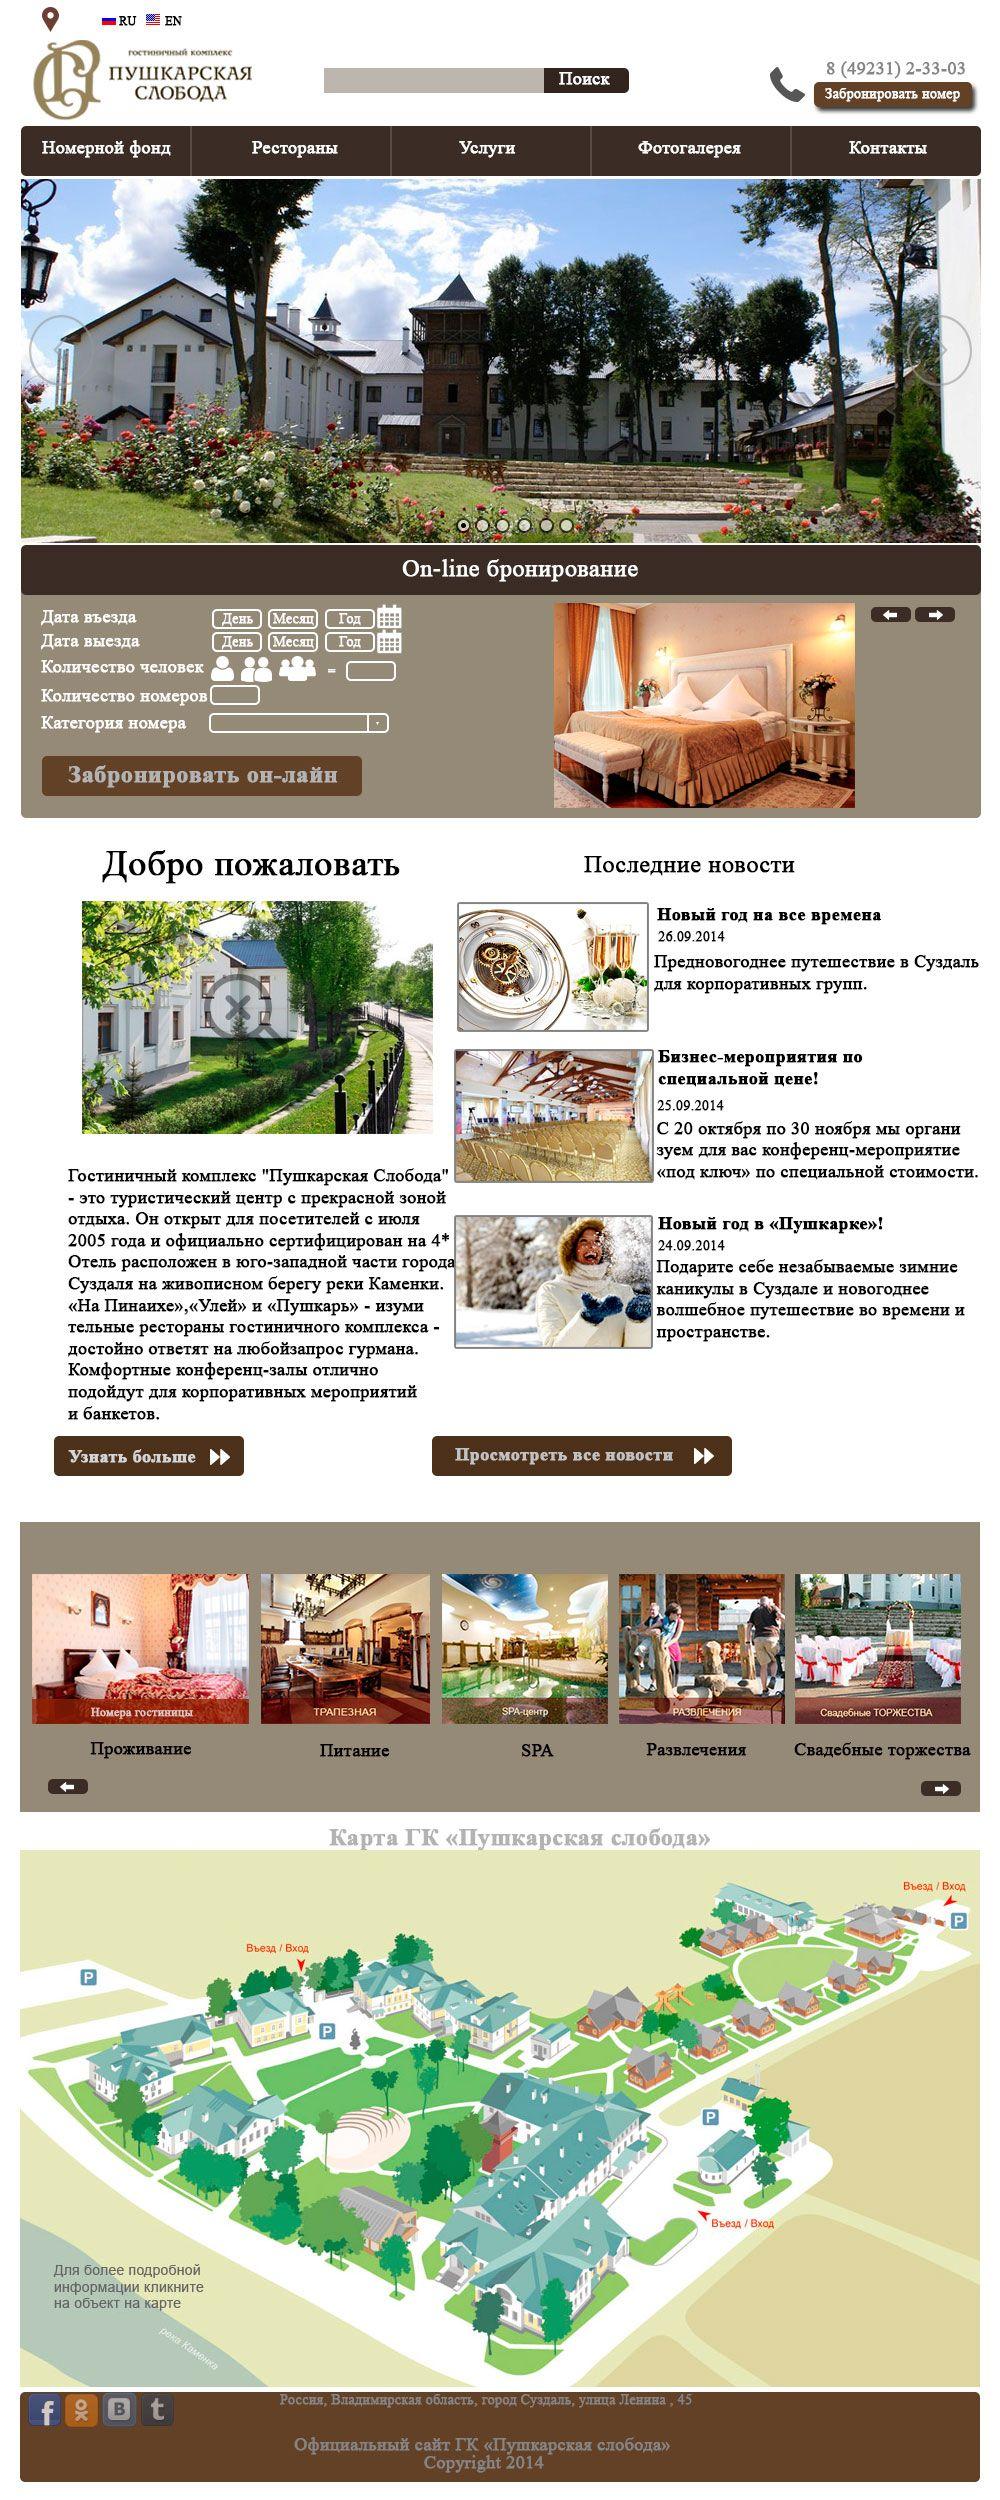 Сайт Пушкарской Слободы - дизайнер LDA29